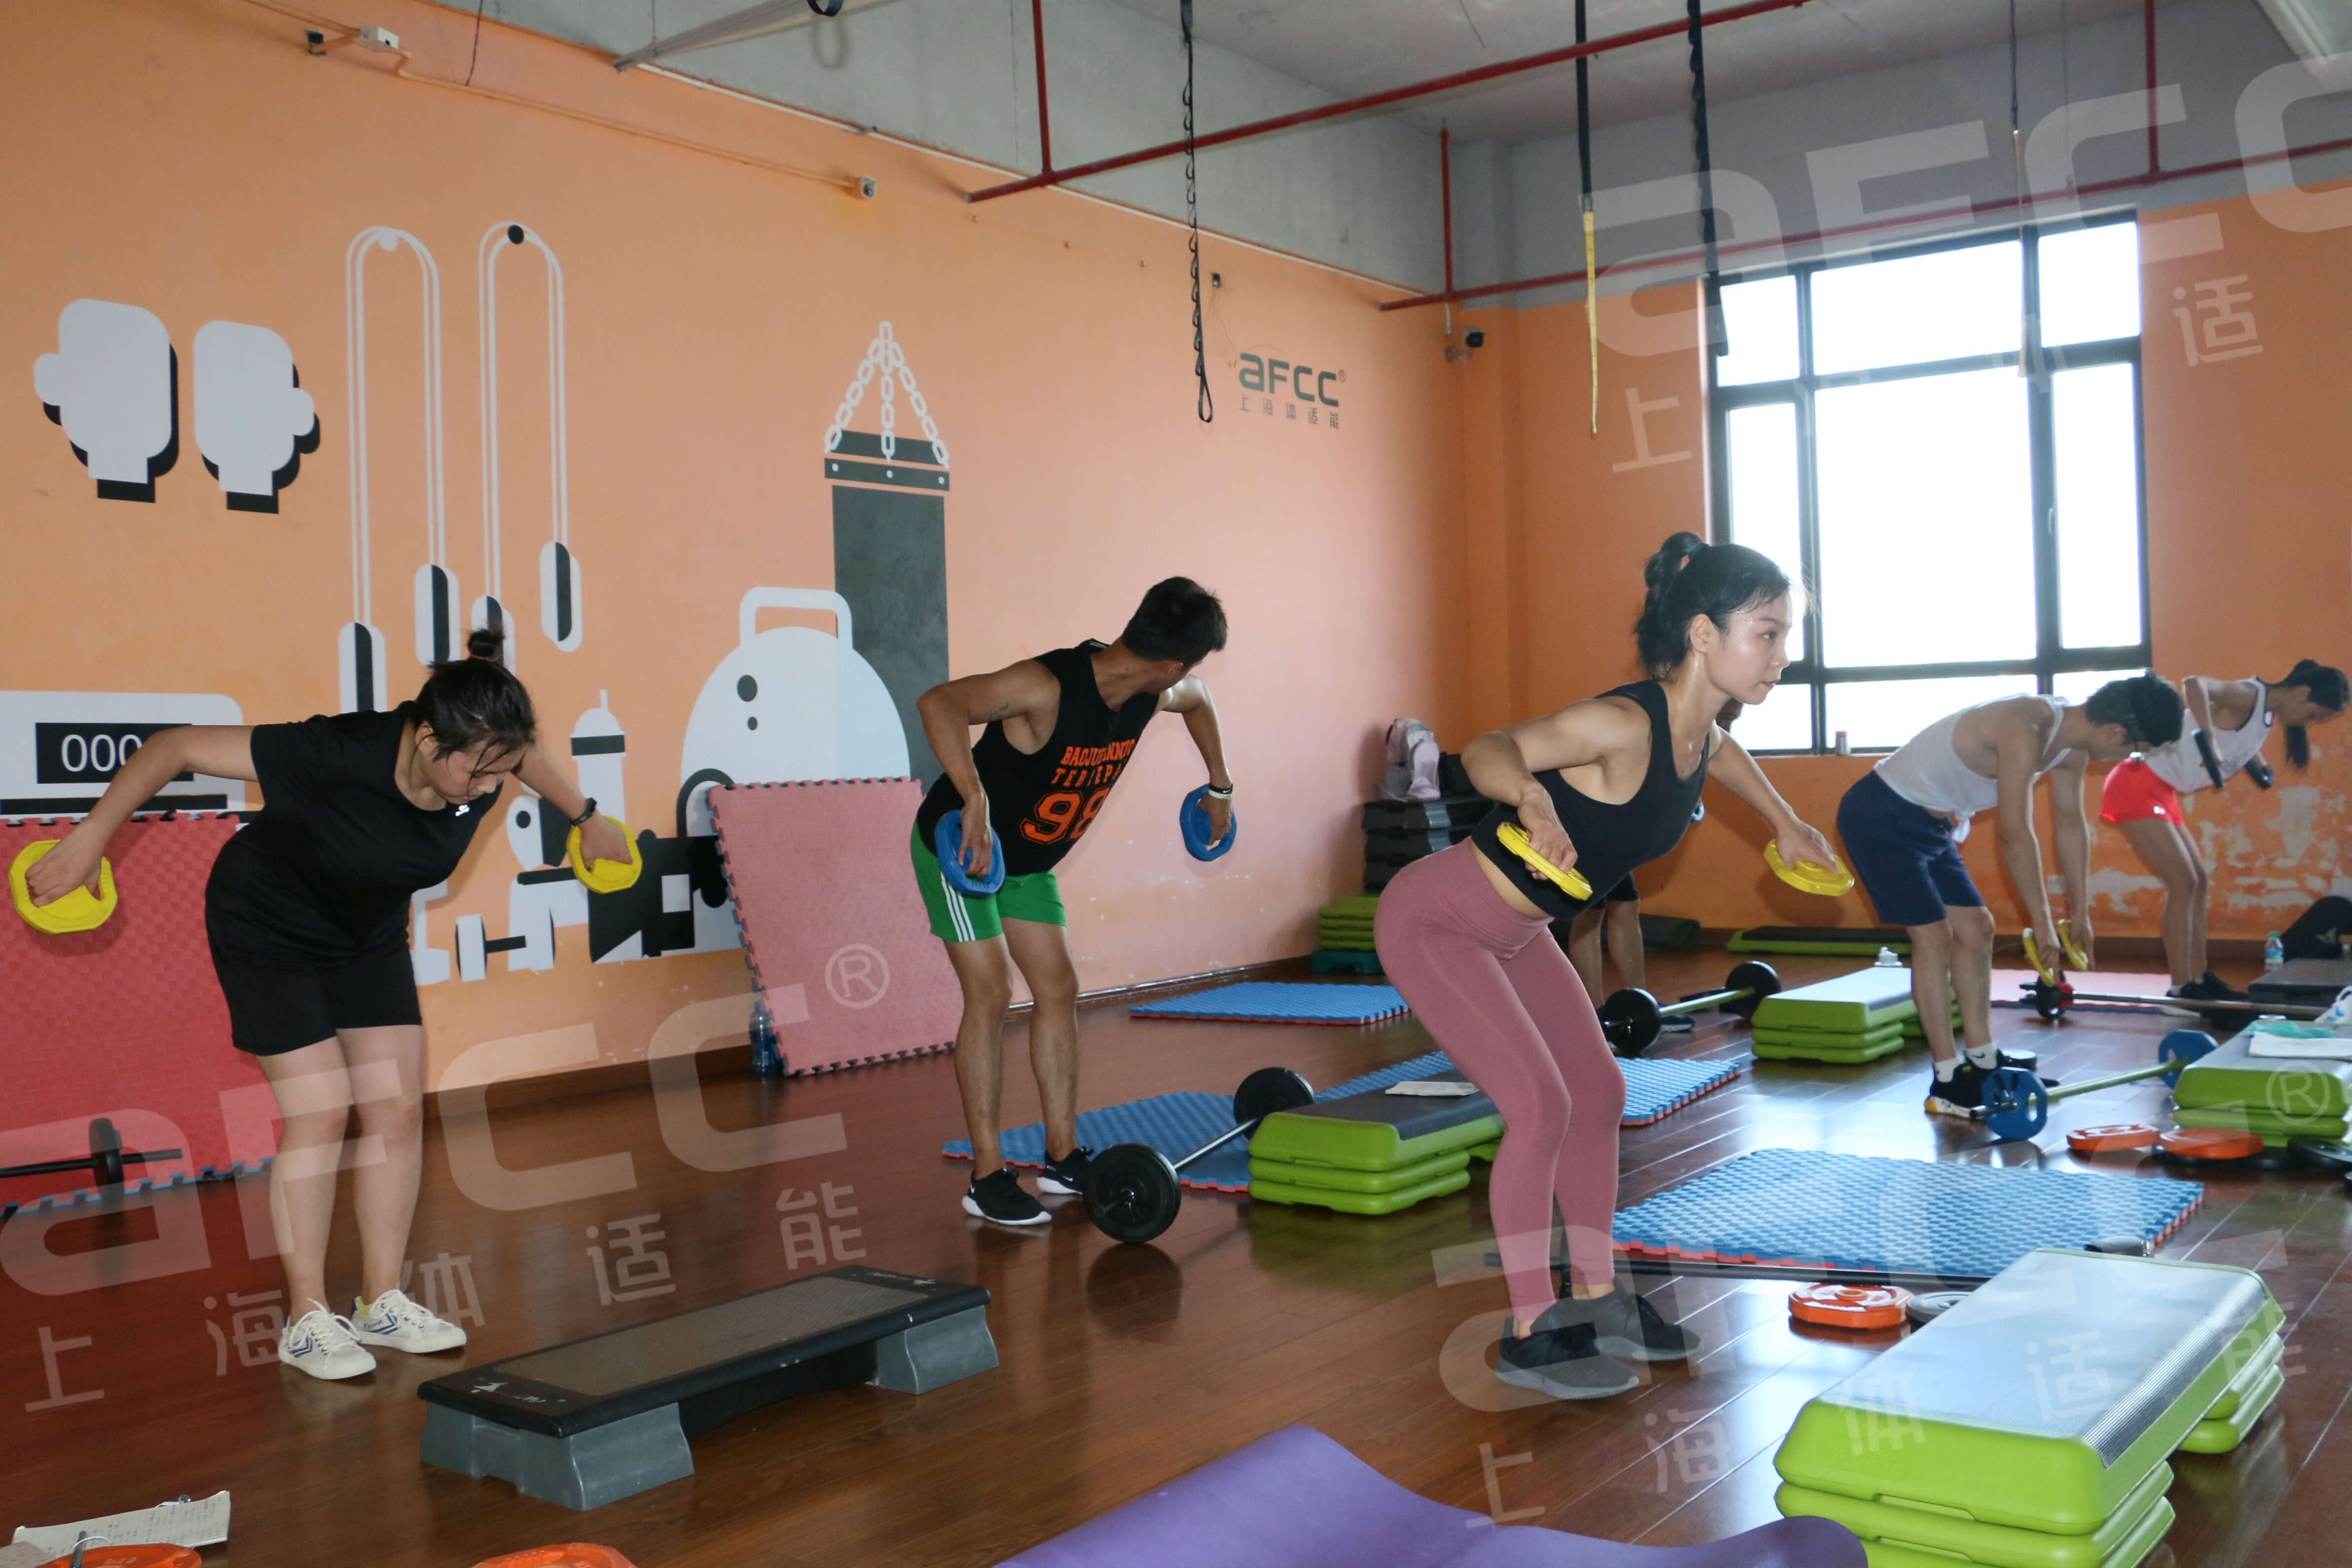 杠铃操是杠铃和健身操进行组合的一种运动